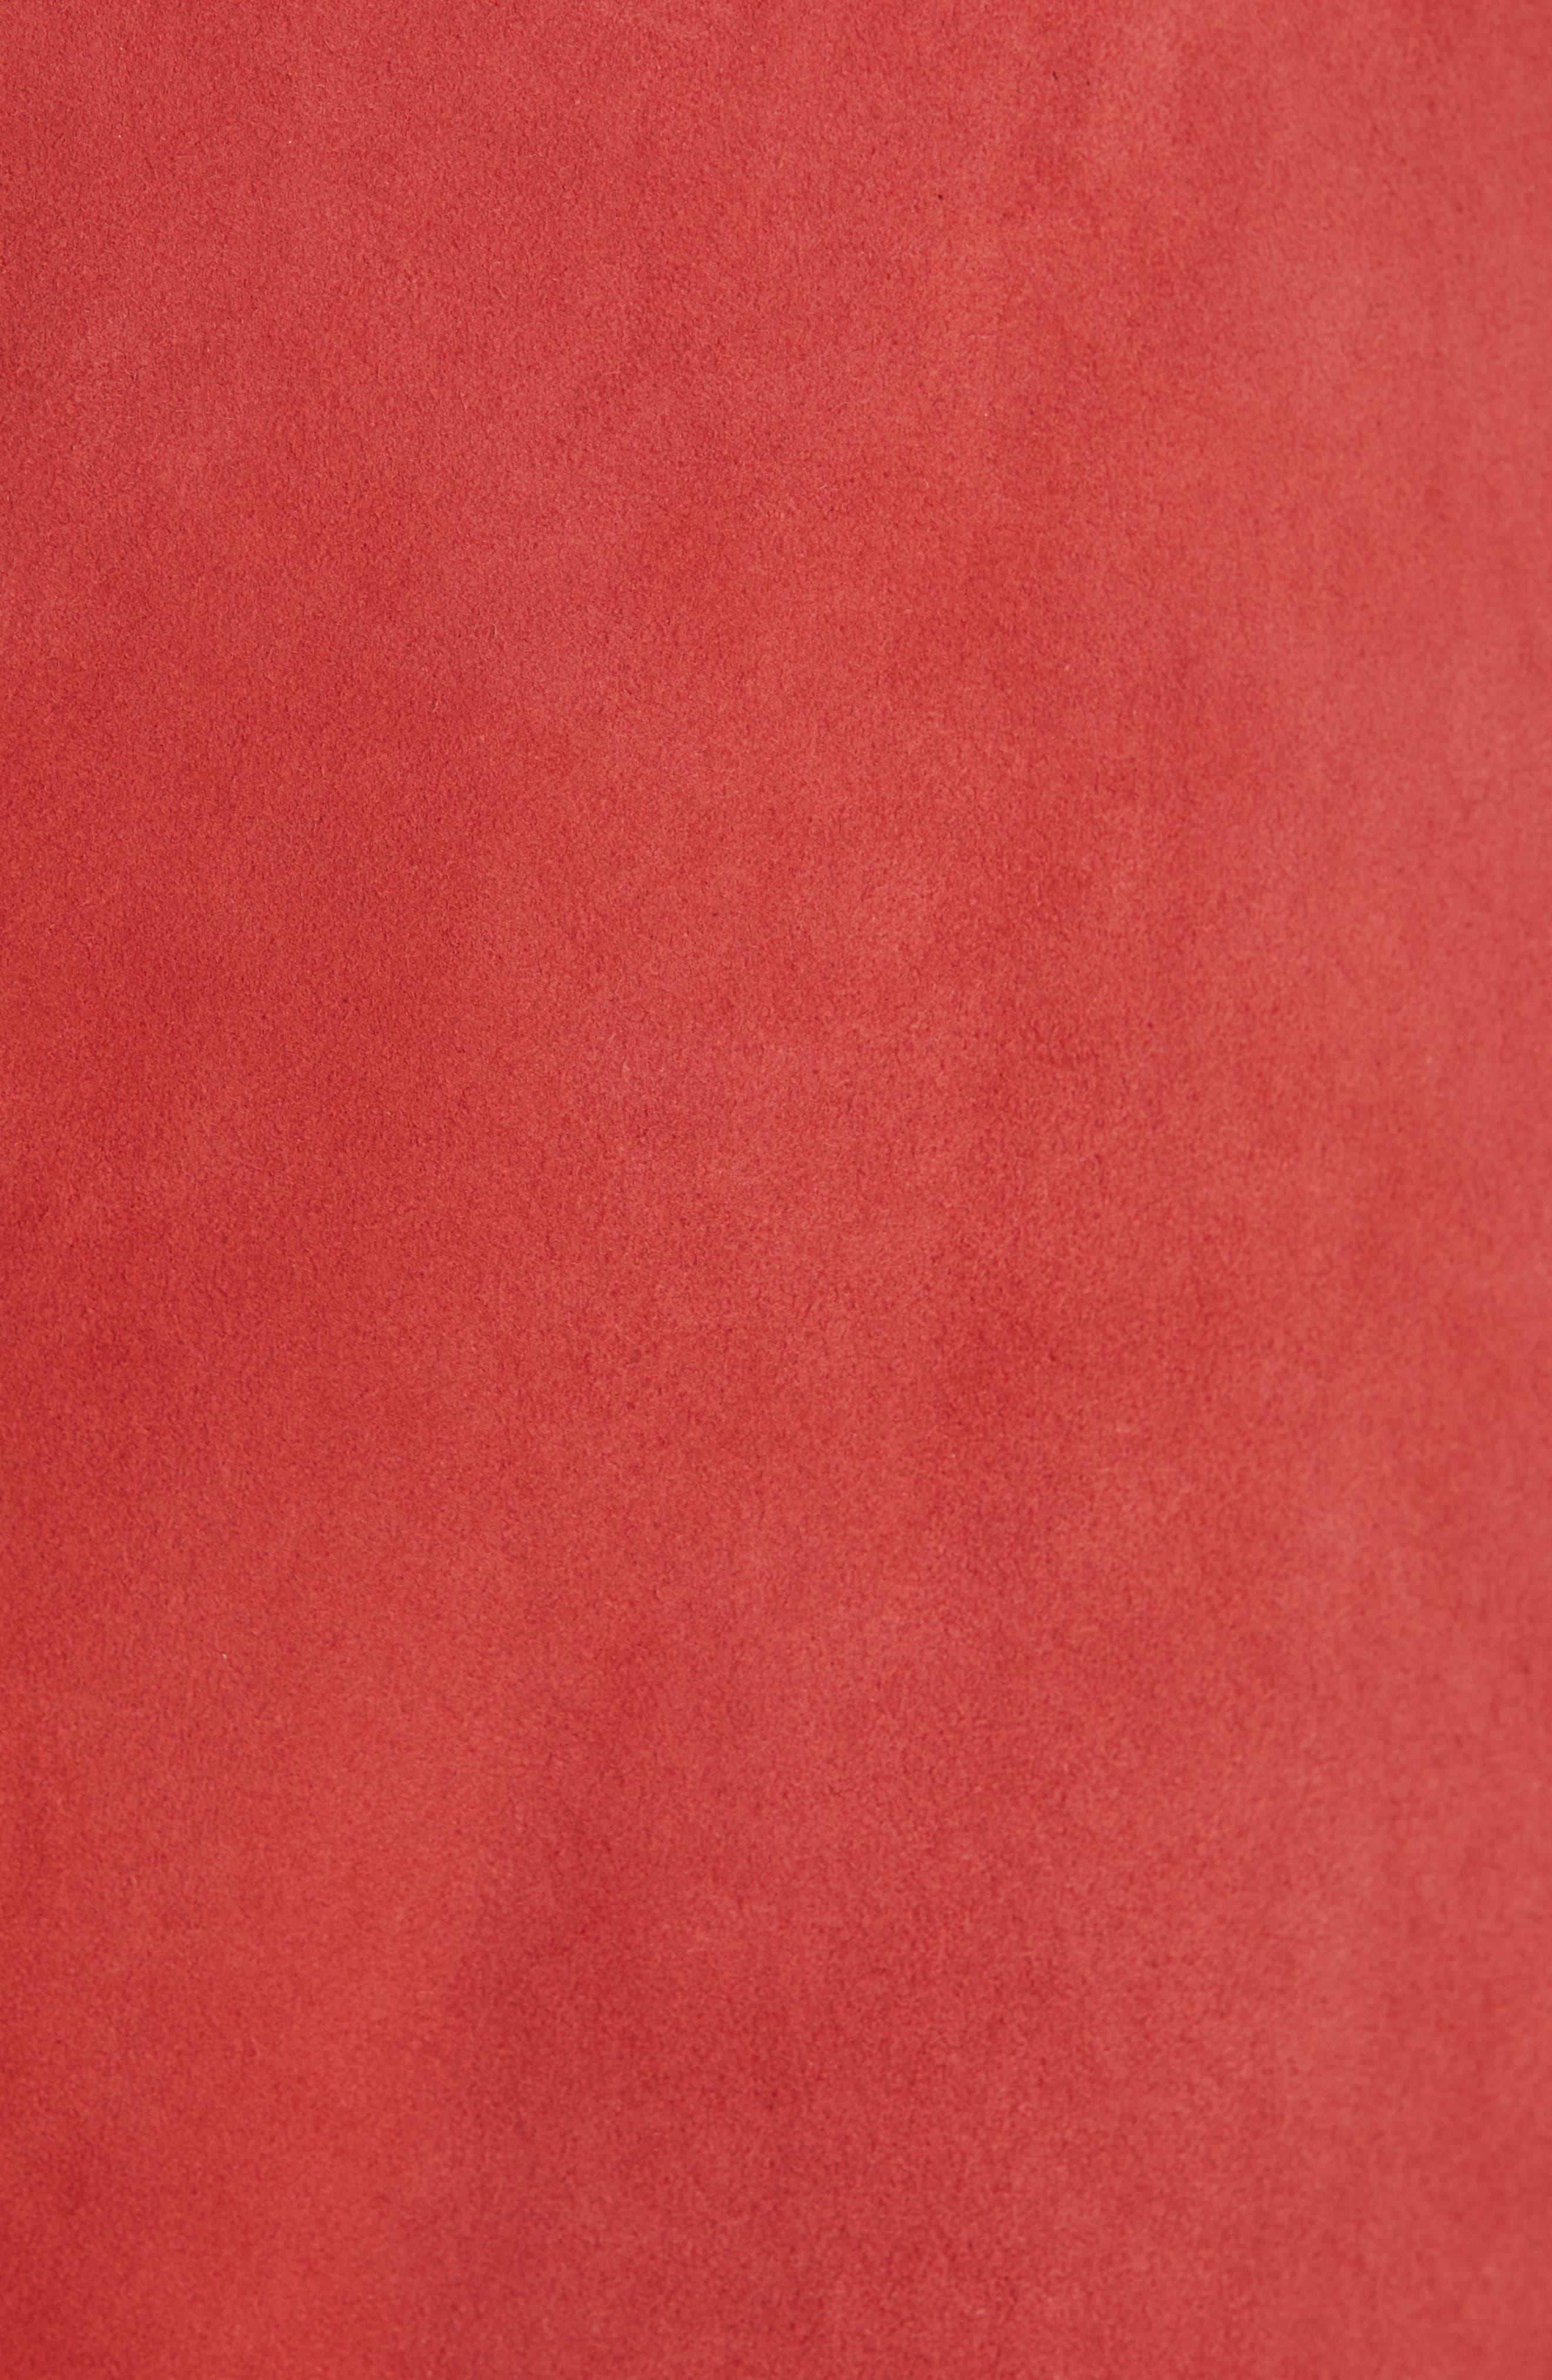 JOIE, Neida Suede Miniskirt, Alternate thumbnail 5, color, DESERT SPICE